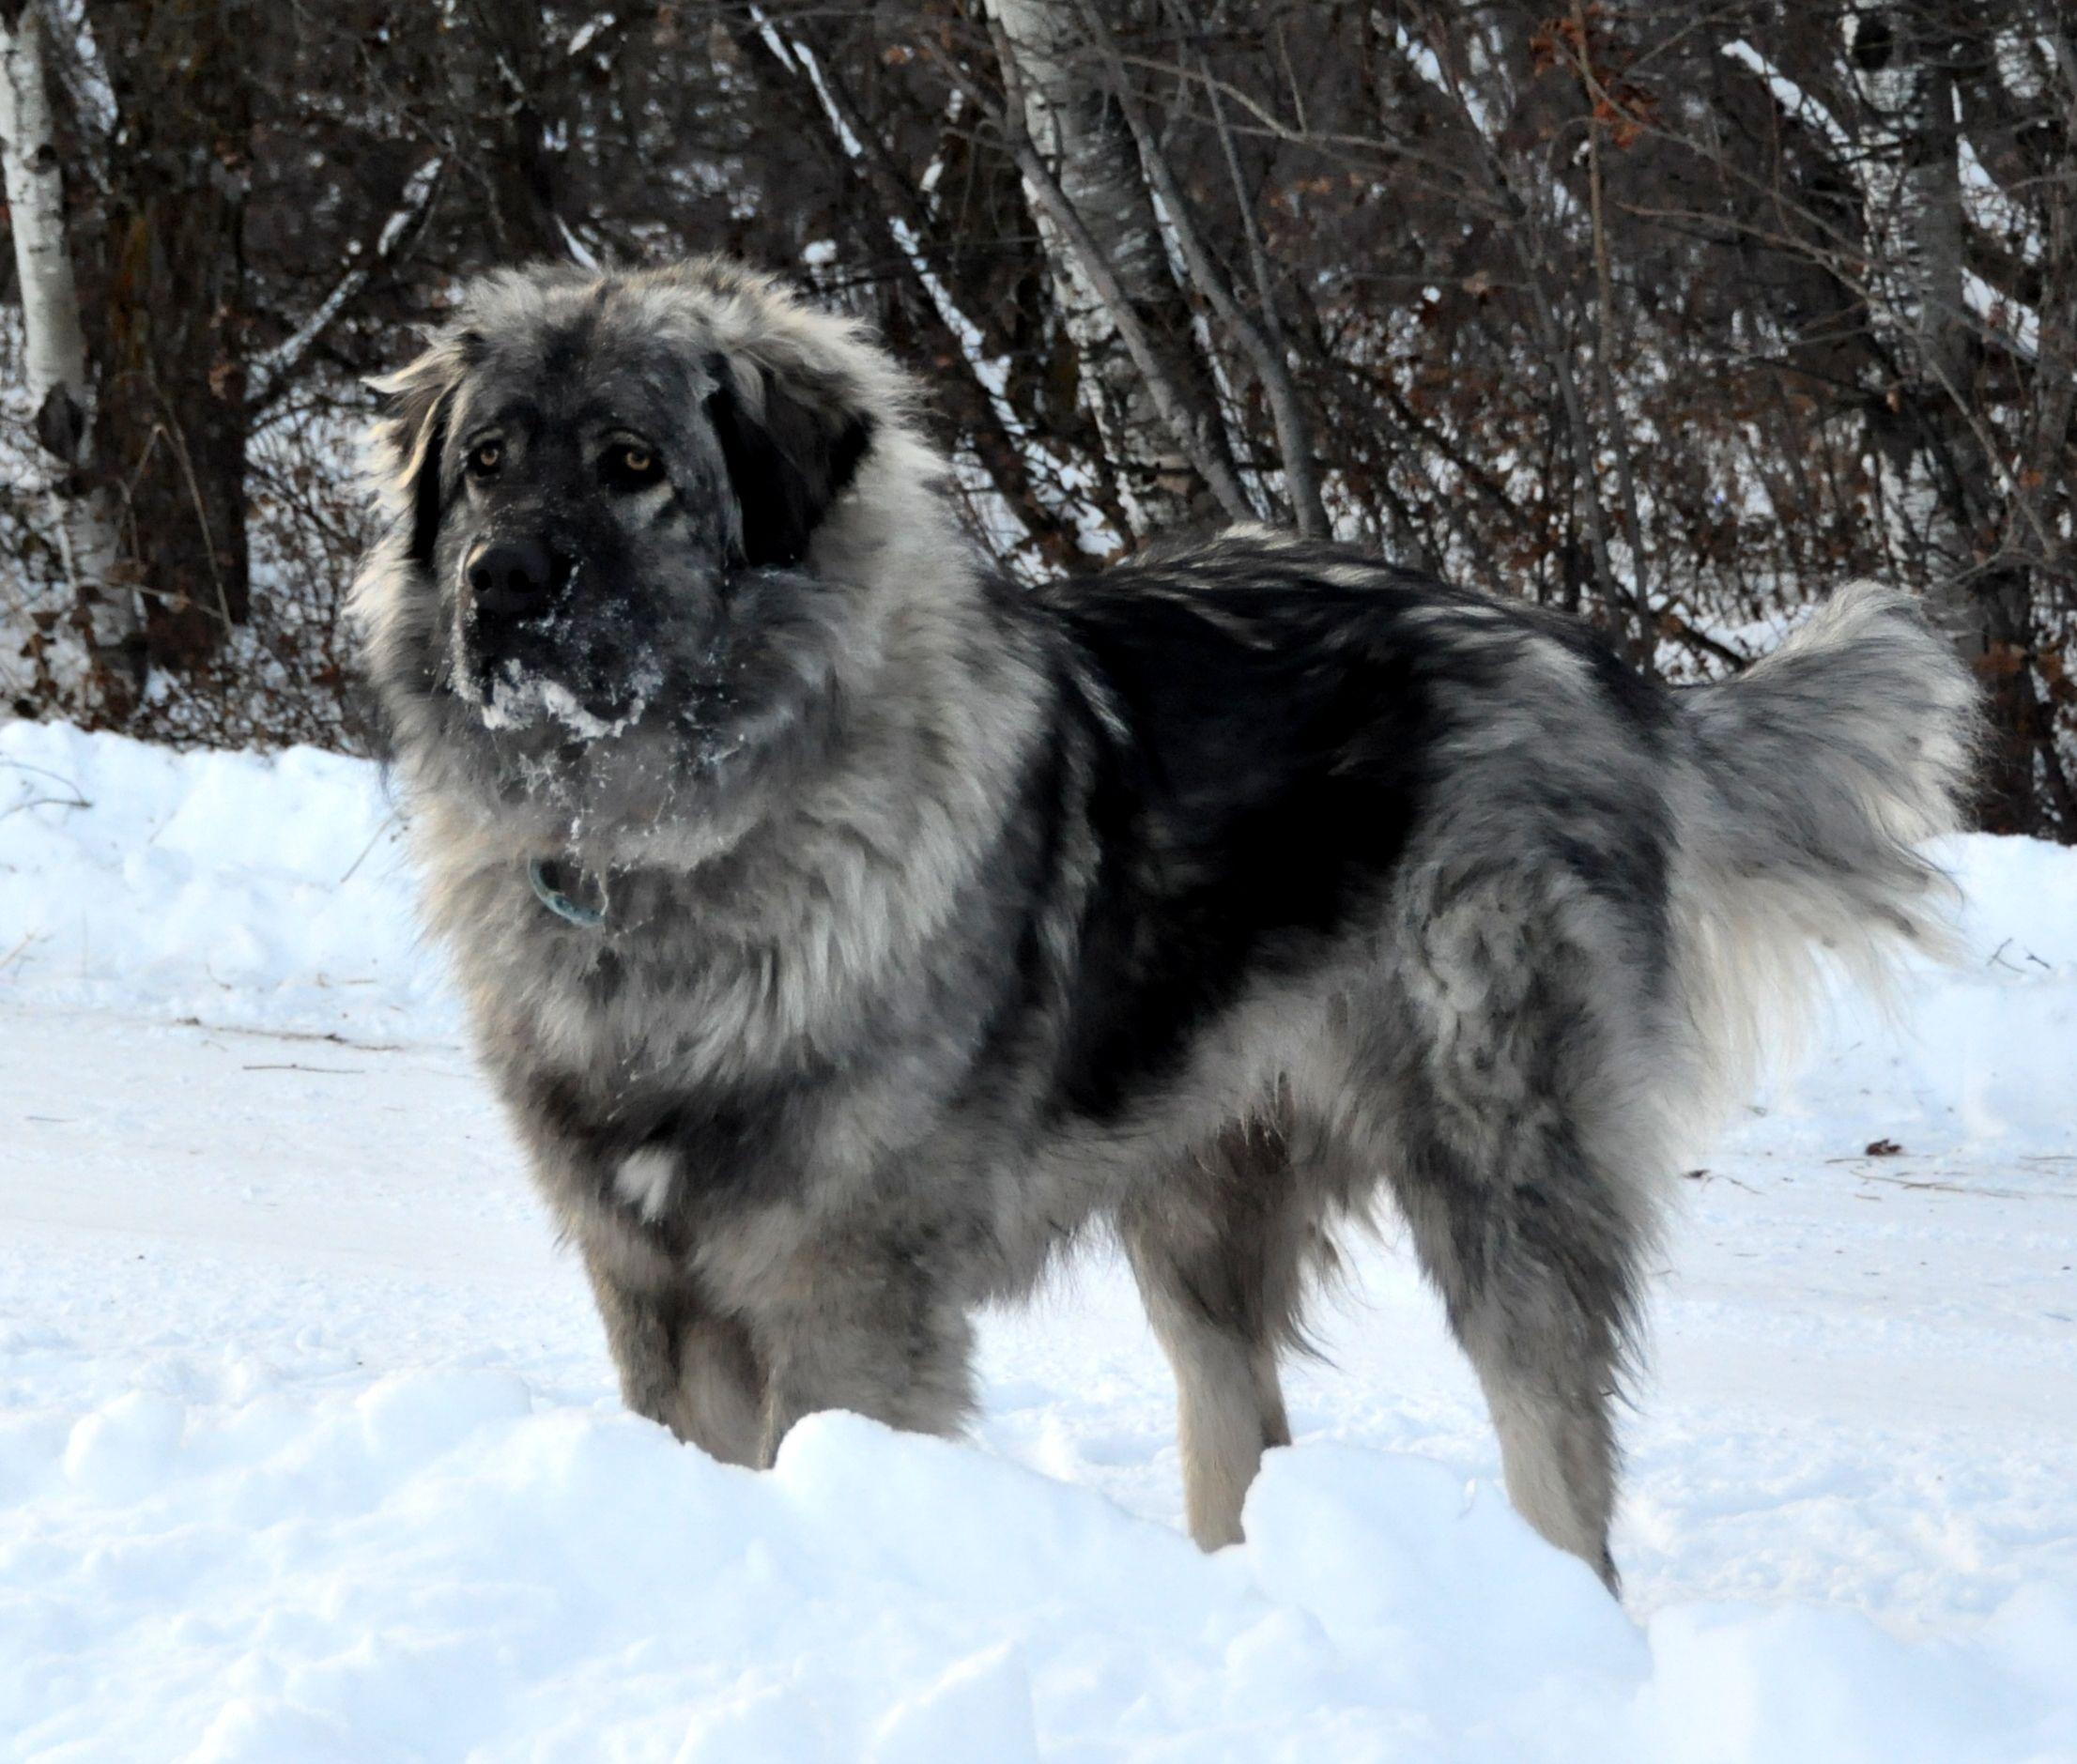 sarplaninac yugoslavian shepherd lgd animals